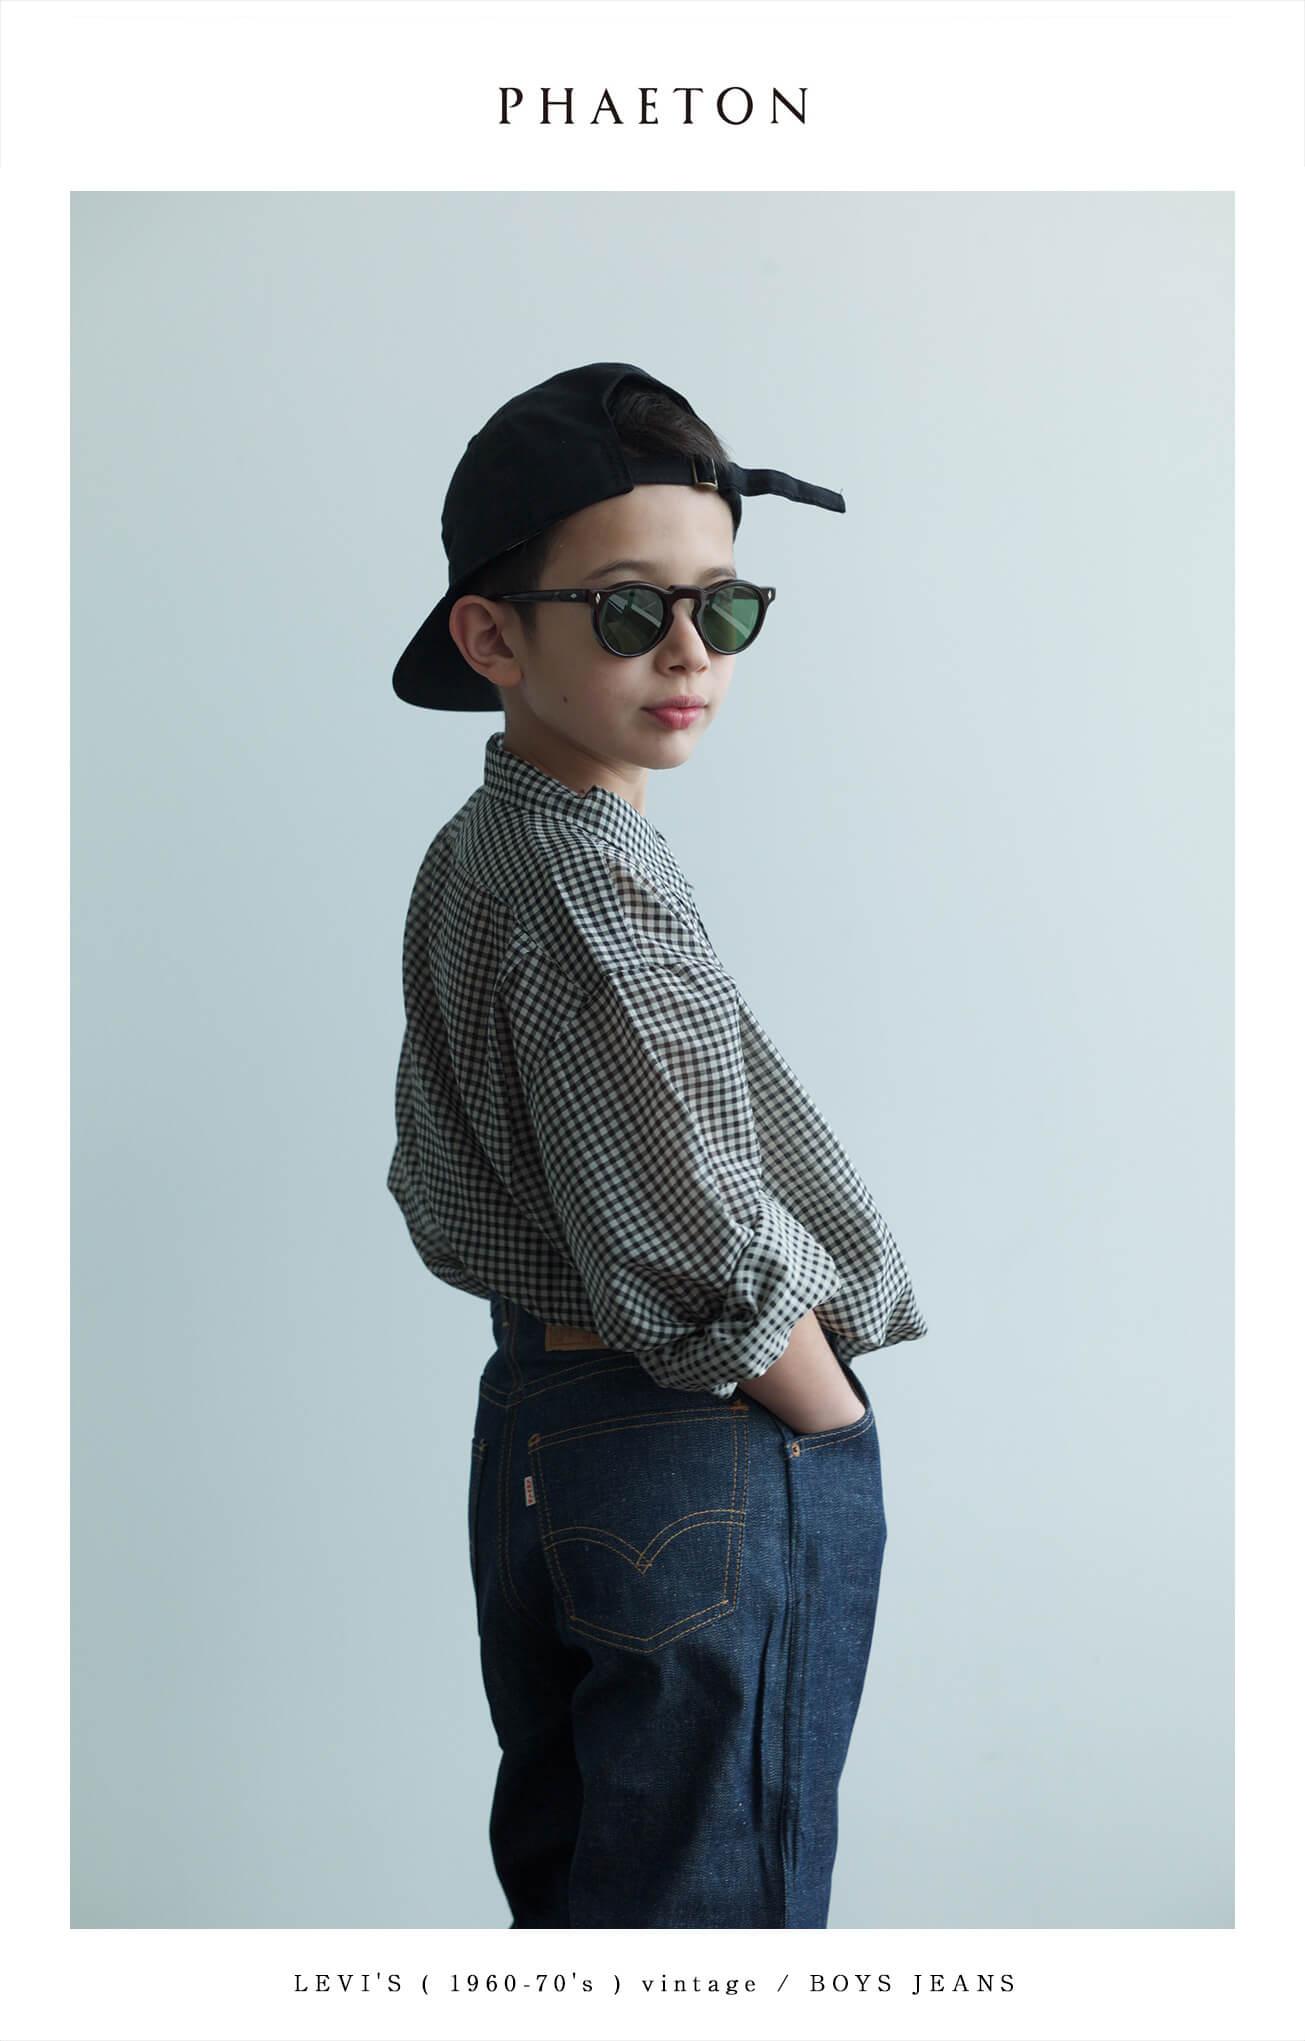 levis1960-70s_vintage_boys_jeans08